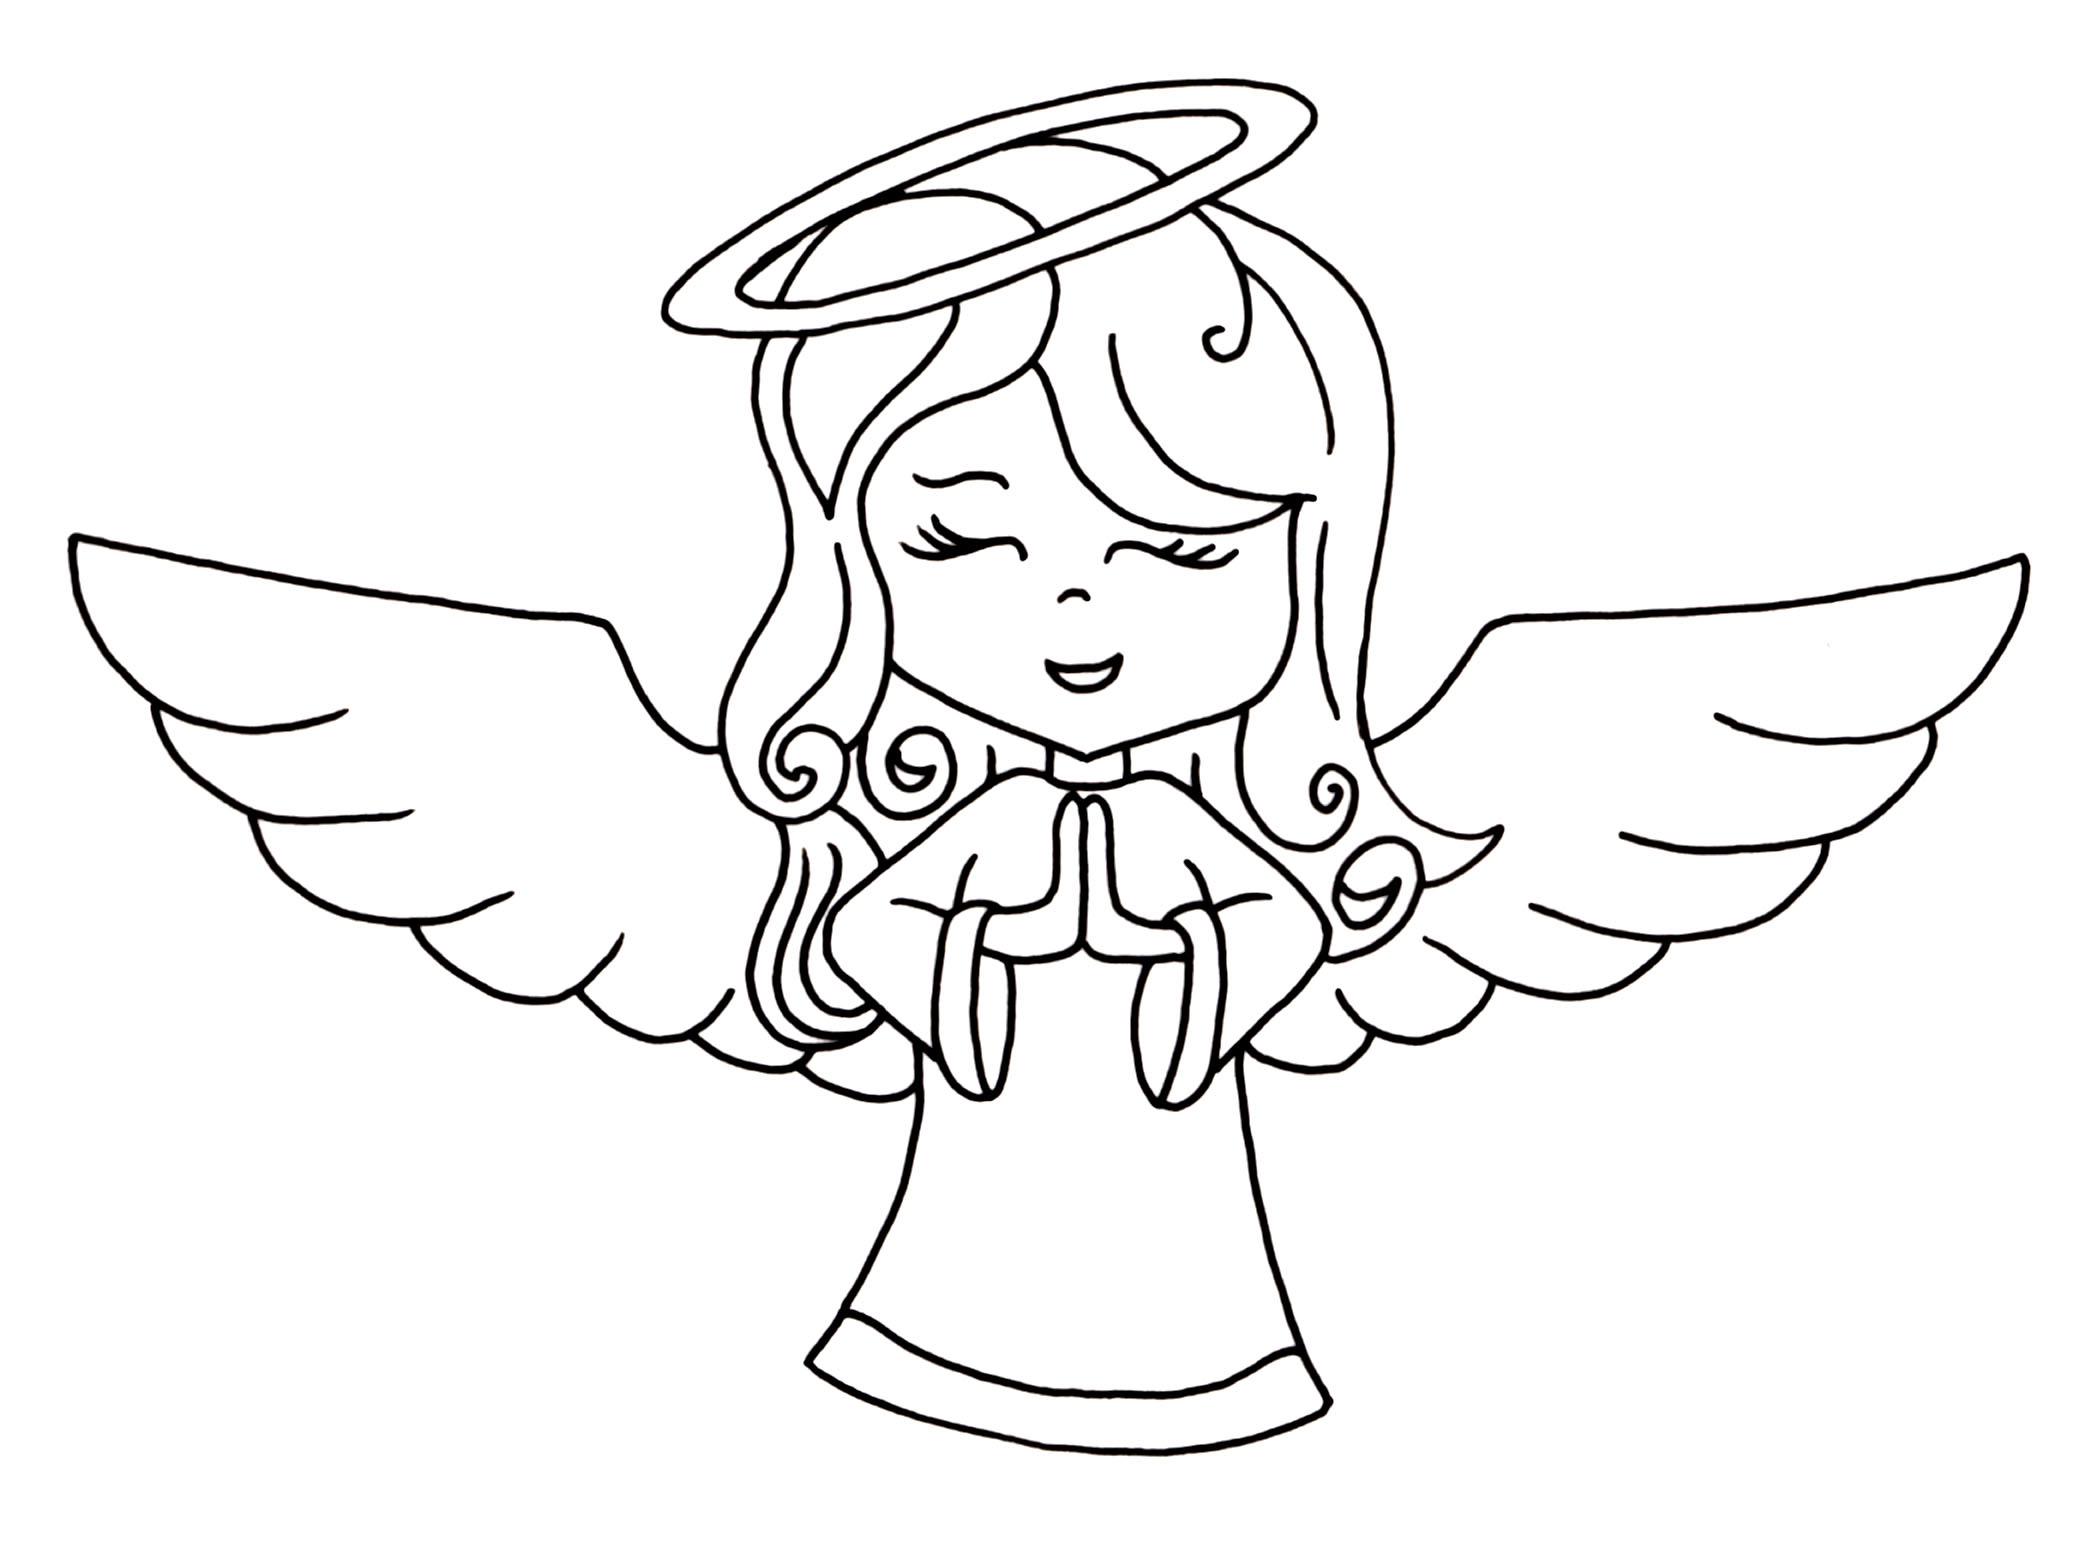 Clipart angel line art. Black and white lovely